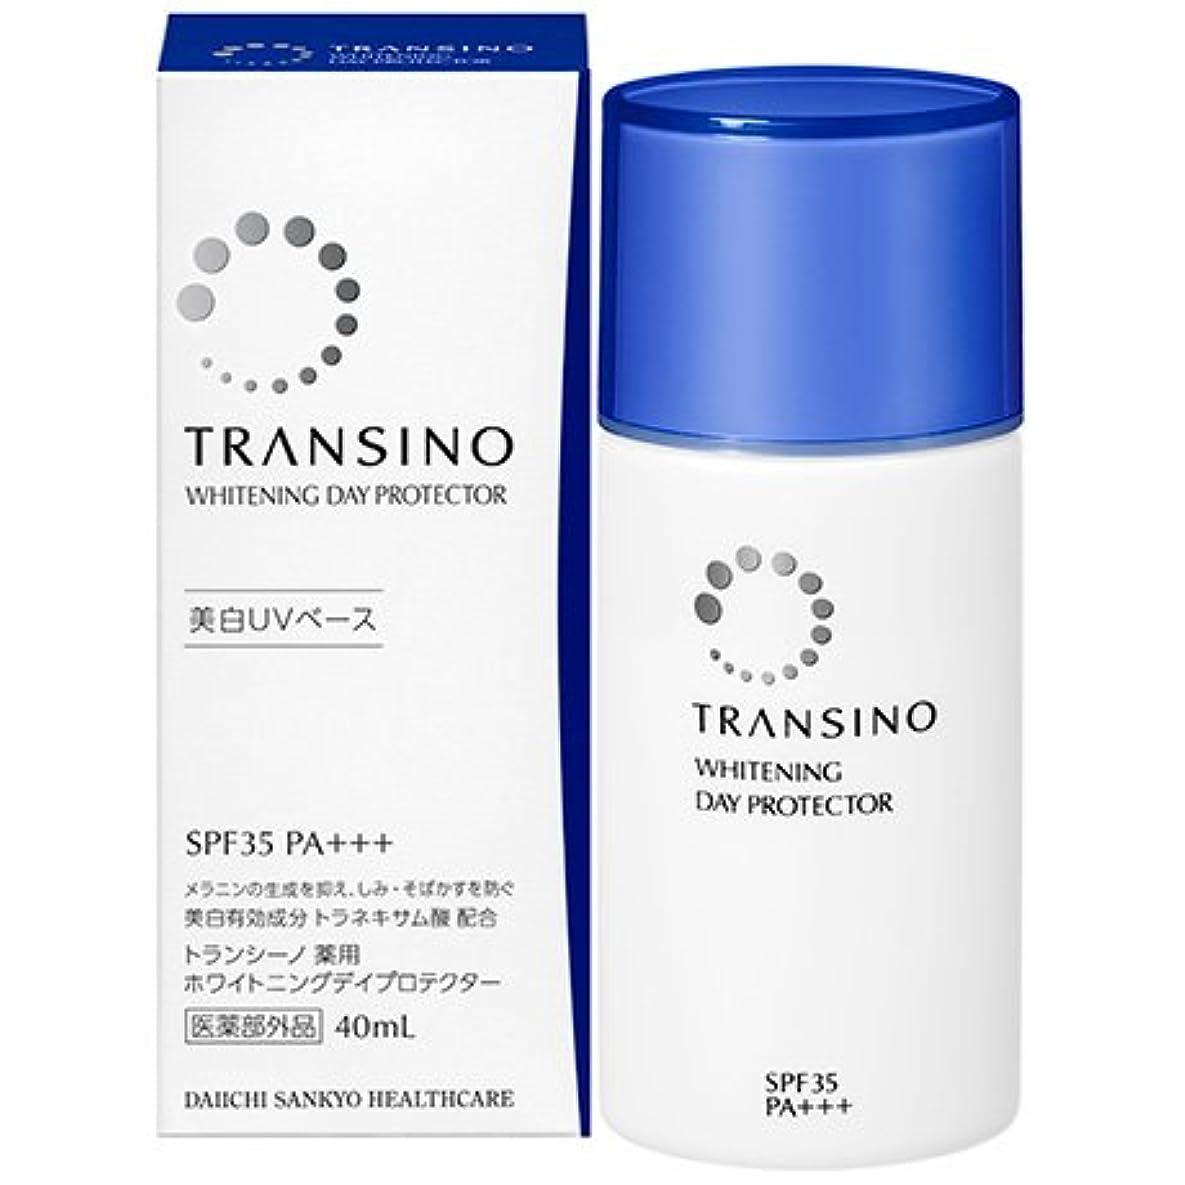 ブランド剃る不快なトランシーノ 薬用ホワイトニングデイプロテクター 40ml SPF35?PA+++ [並行輸入品]